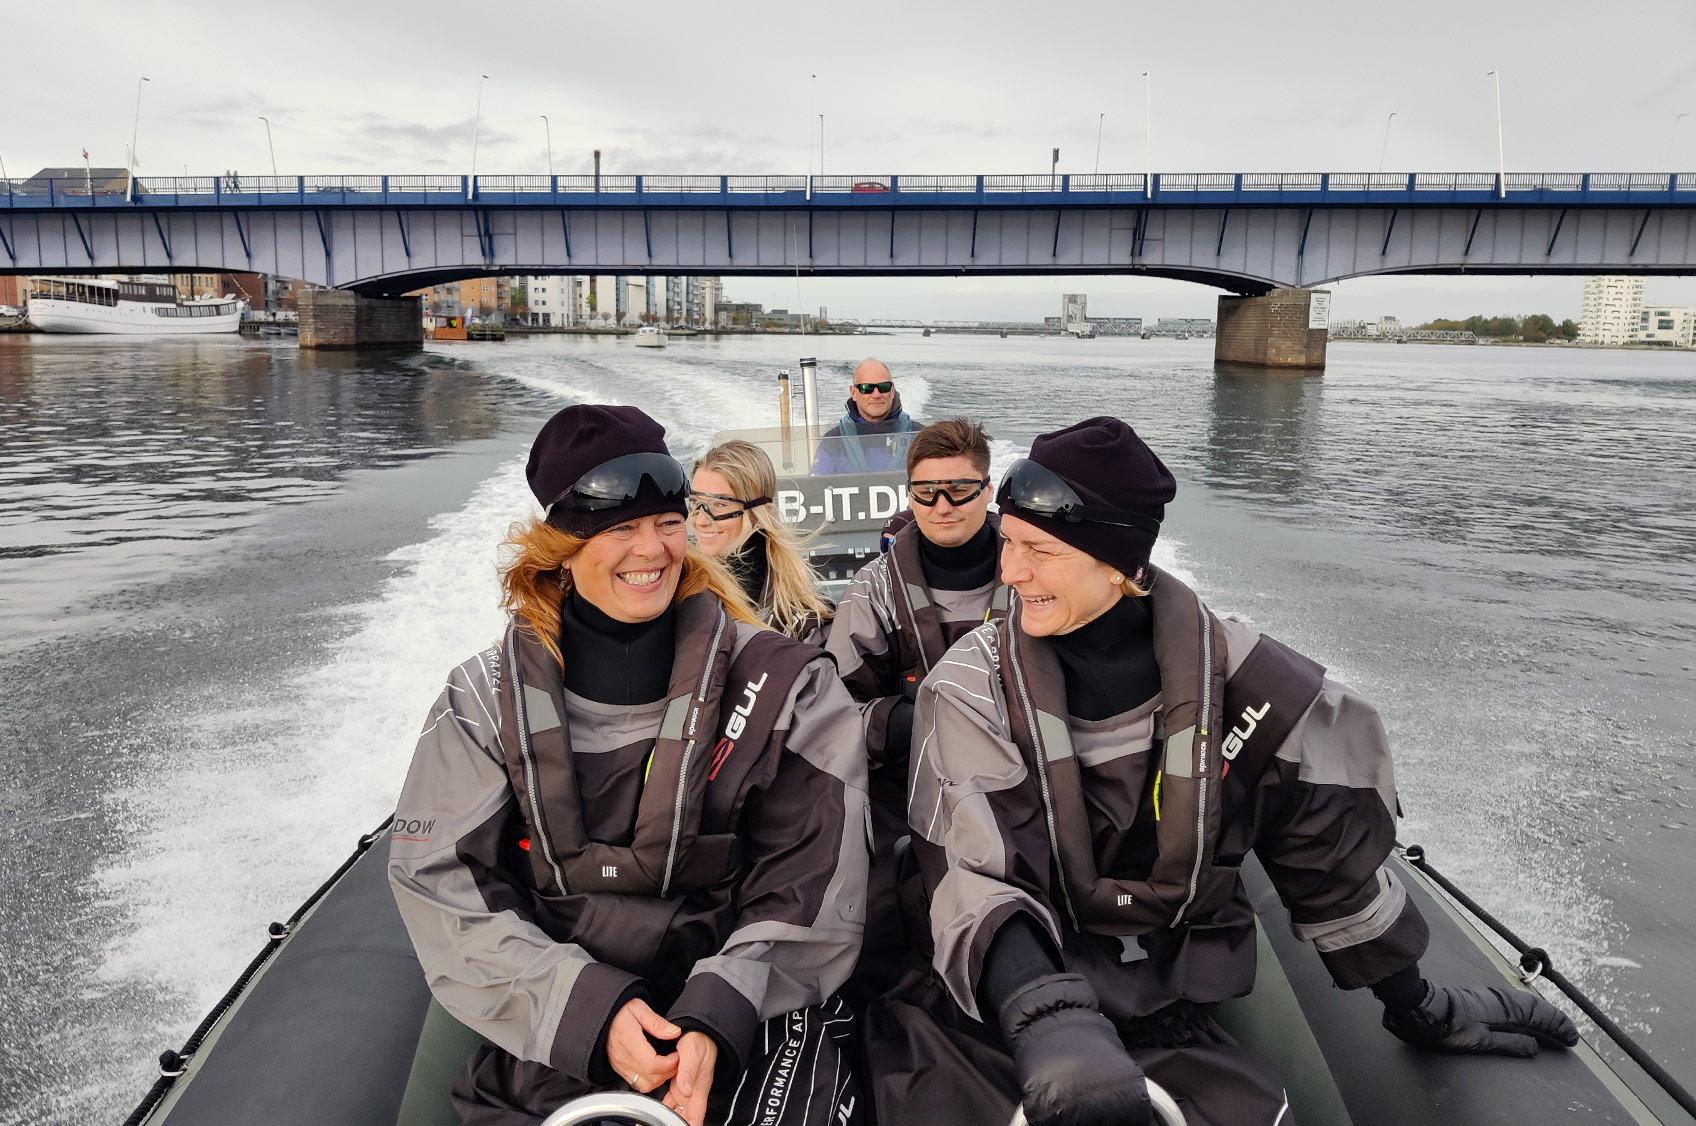 Oplevelsestur på Limfjorden med RIB-IT